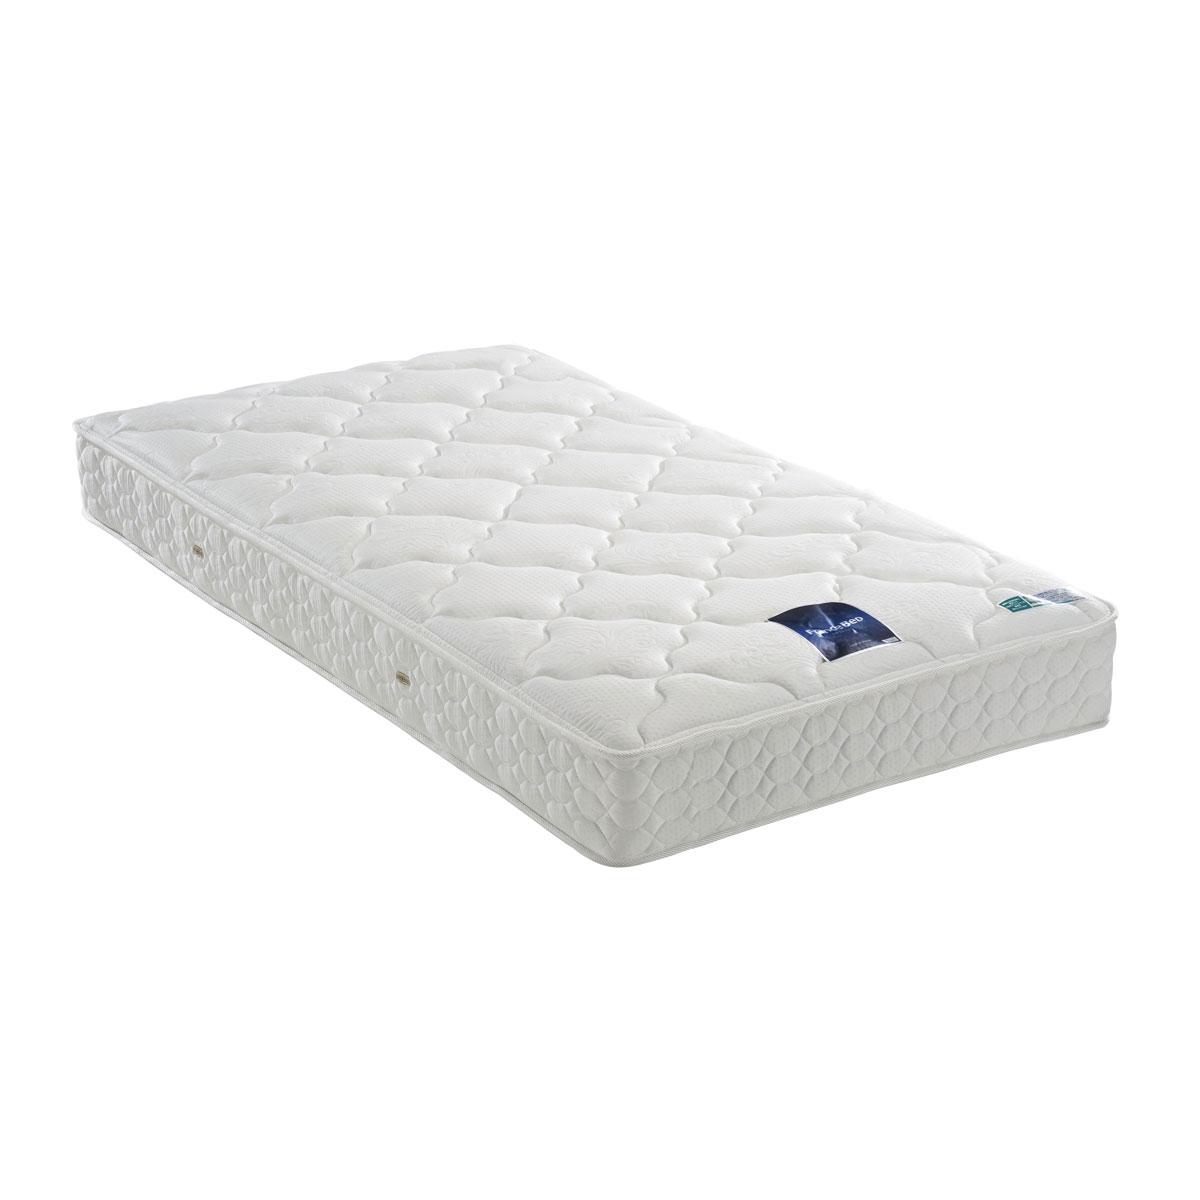 フランスベッド マットレス ホワイト色 セミダブル LT-300N(ミディアム) 39788200